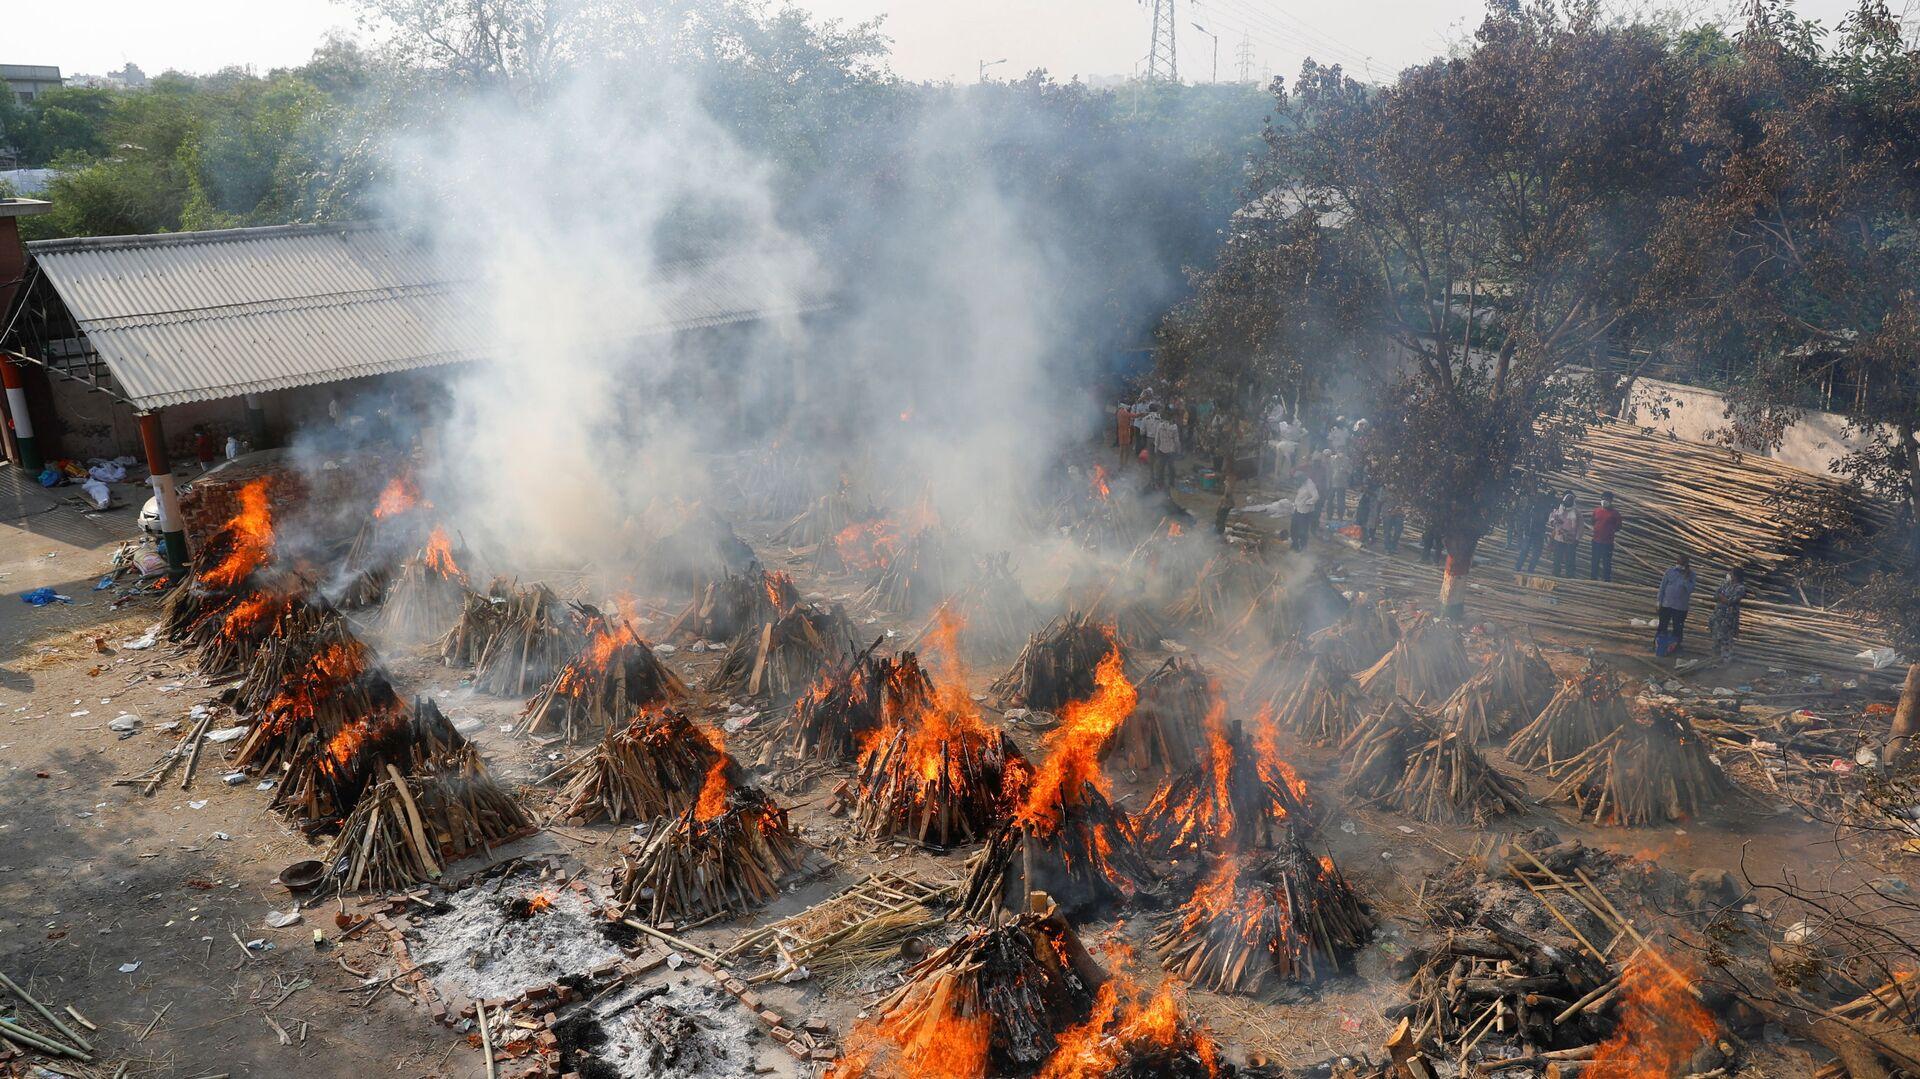 Вид сверху на горящие погребальные костры во время массовой кремации в крематории в Нью-Дели, Индия - Sputnik Italia, 1920, 16.05.2021